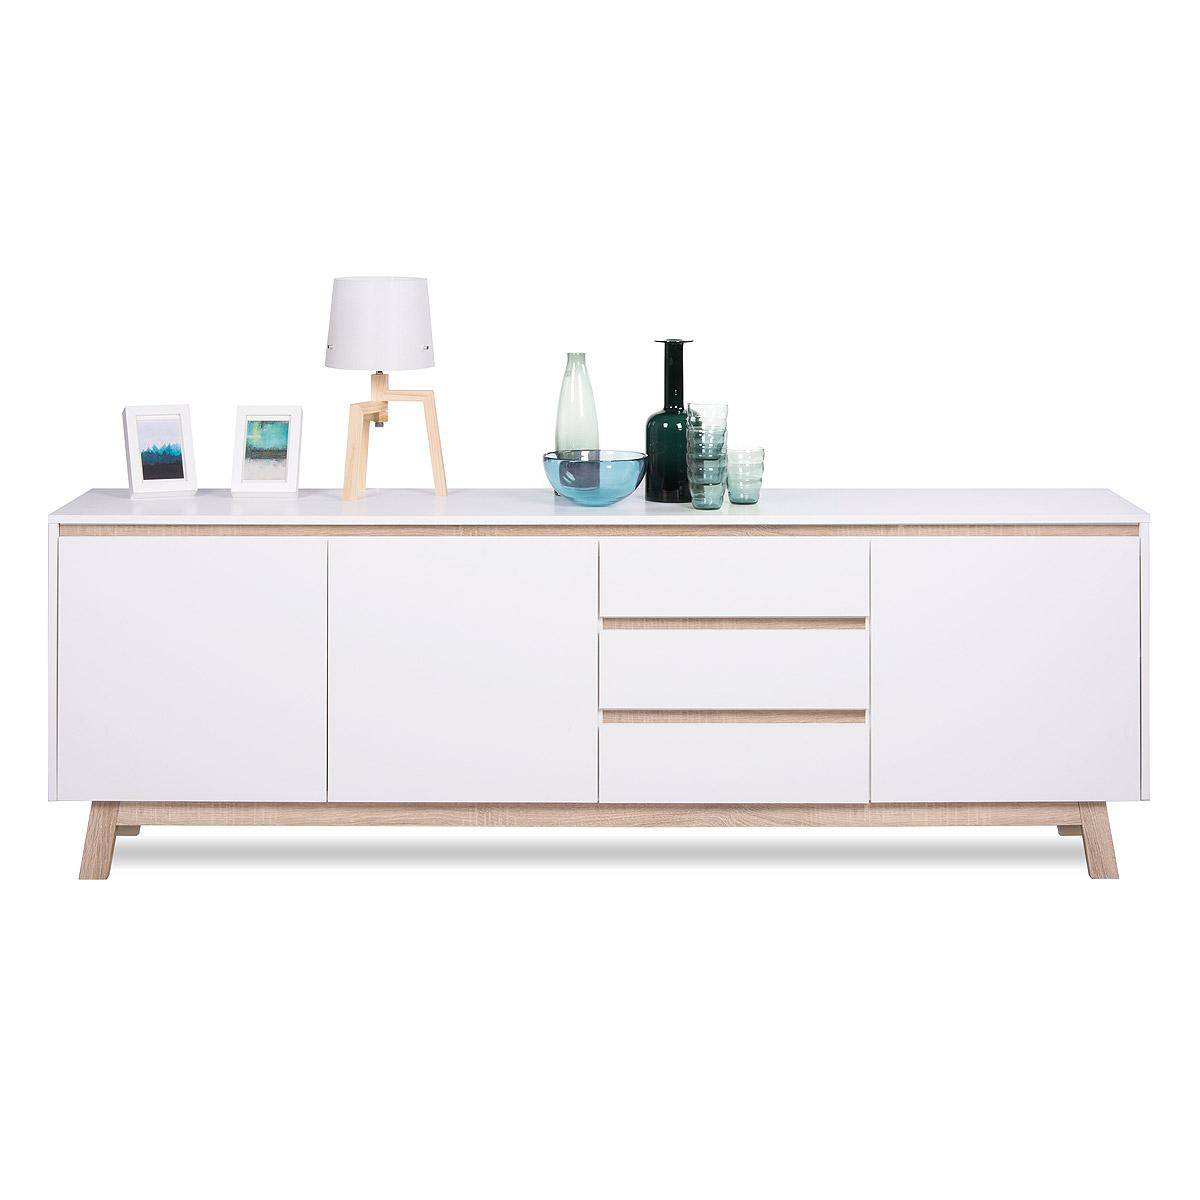 sideboard apart 3 kommode anrichte in wei und sonoma. Black Bedroom Furniture Sets. Home Design Ideas